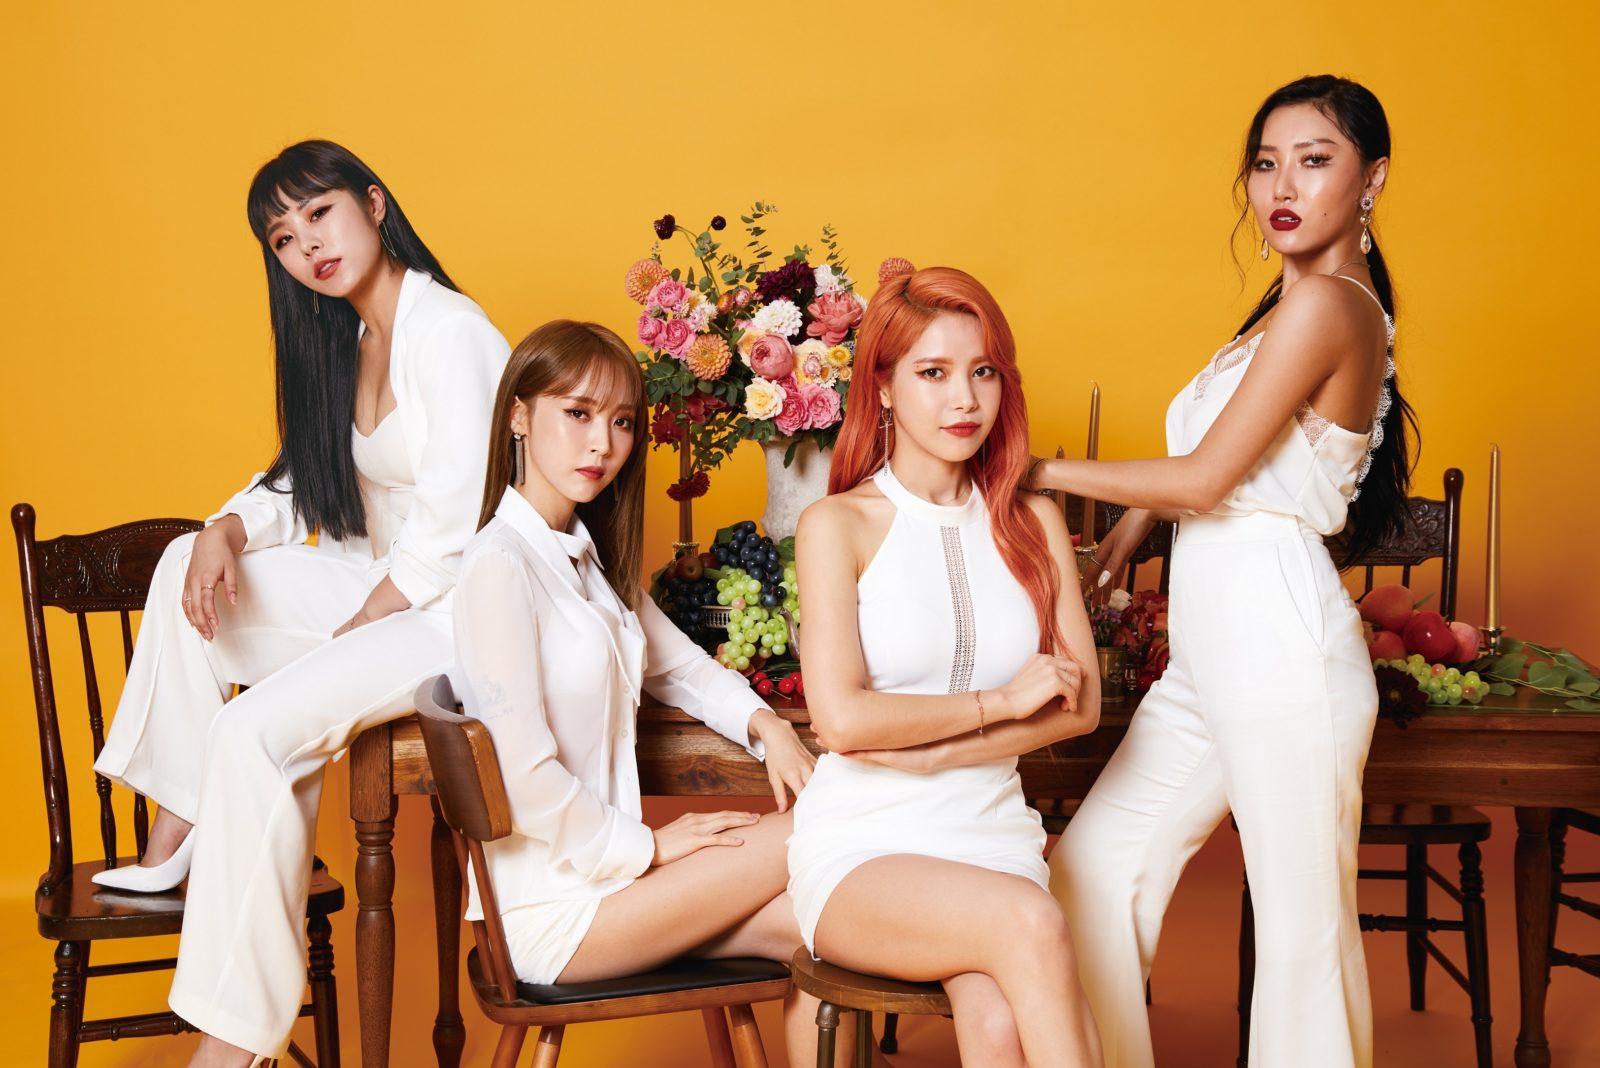 韓国ガールズグループMAMAMOO(ママム)、日本デビュー前の店頭コラボ第2弾発表サムネイル画像